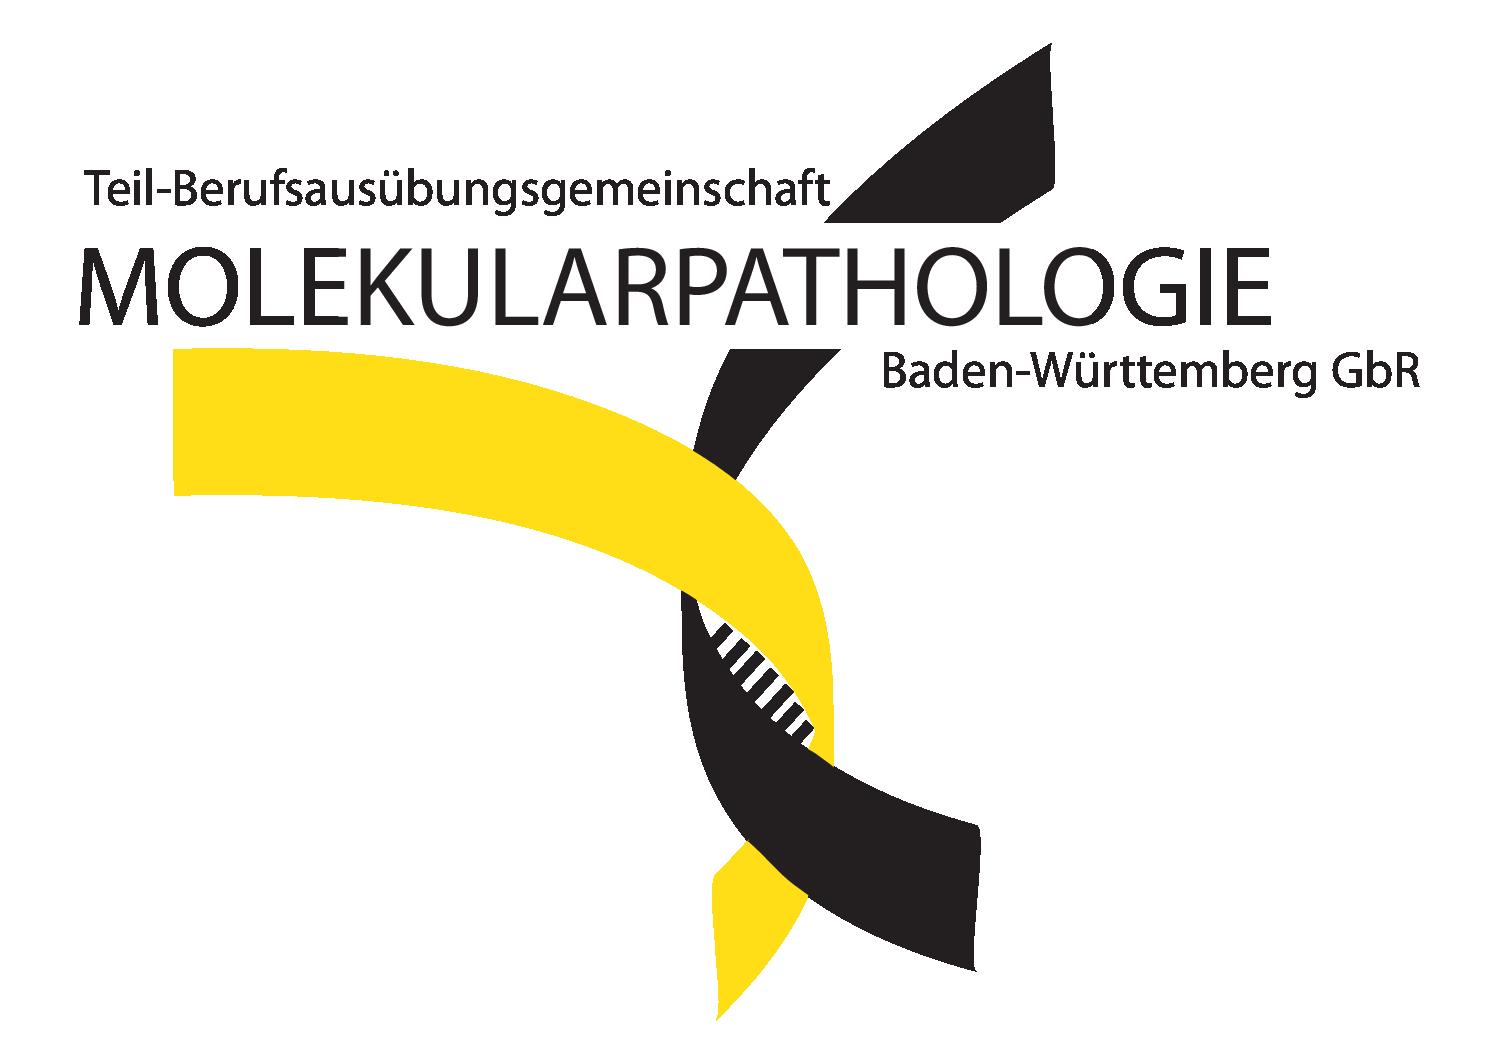 Molekularpathologie